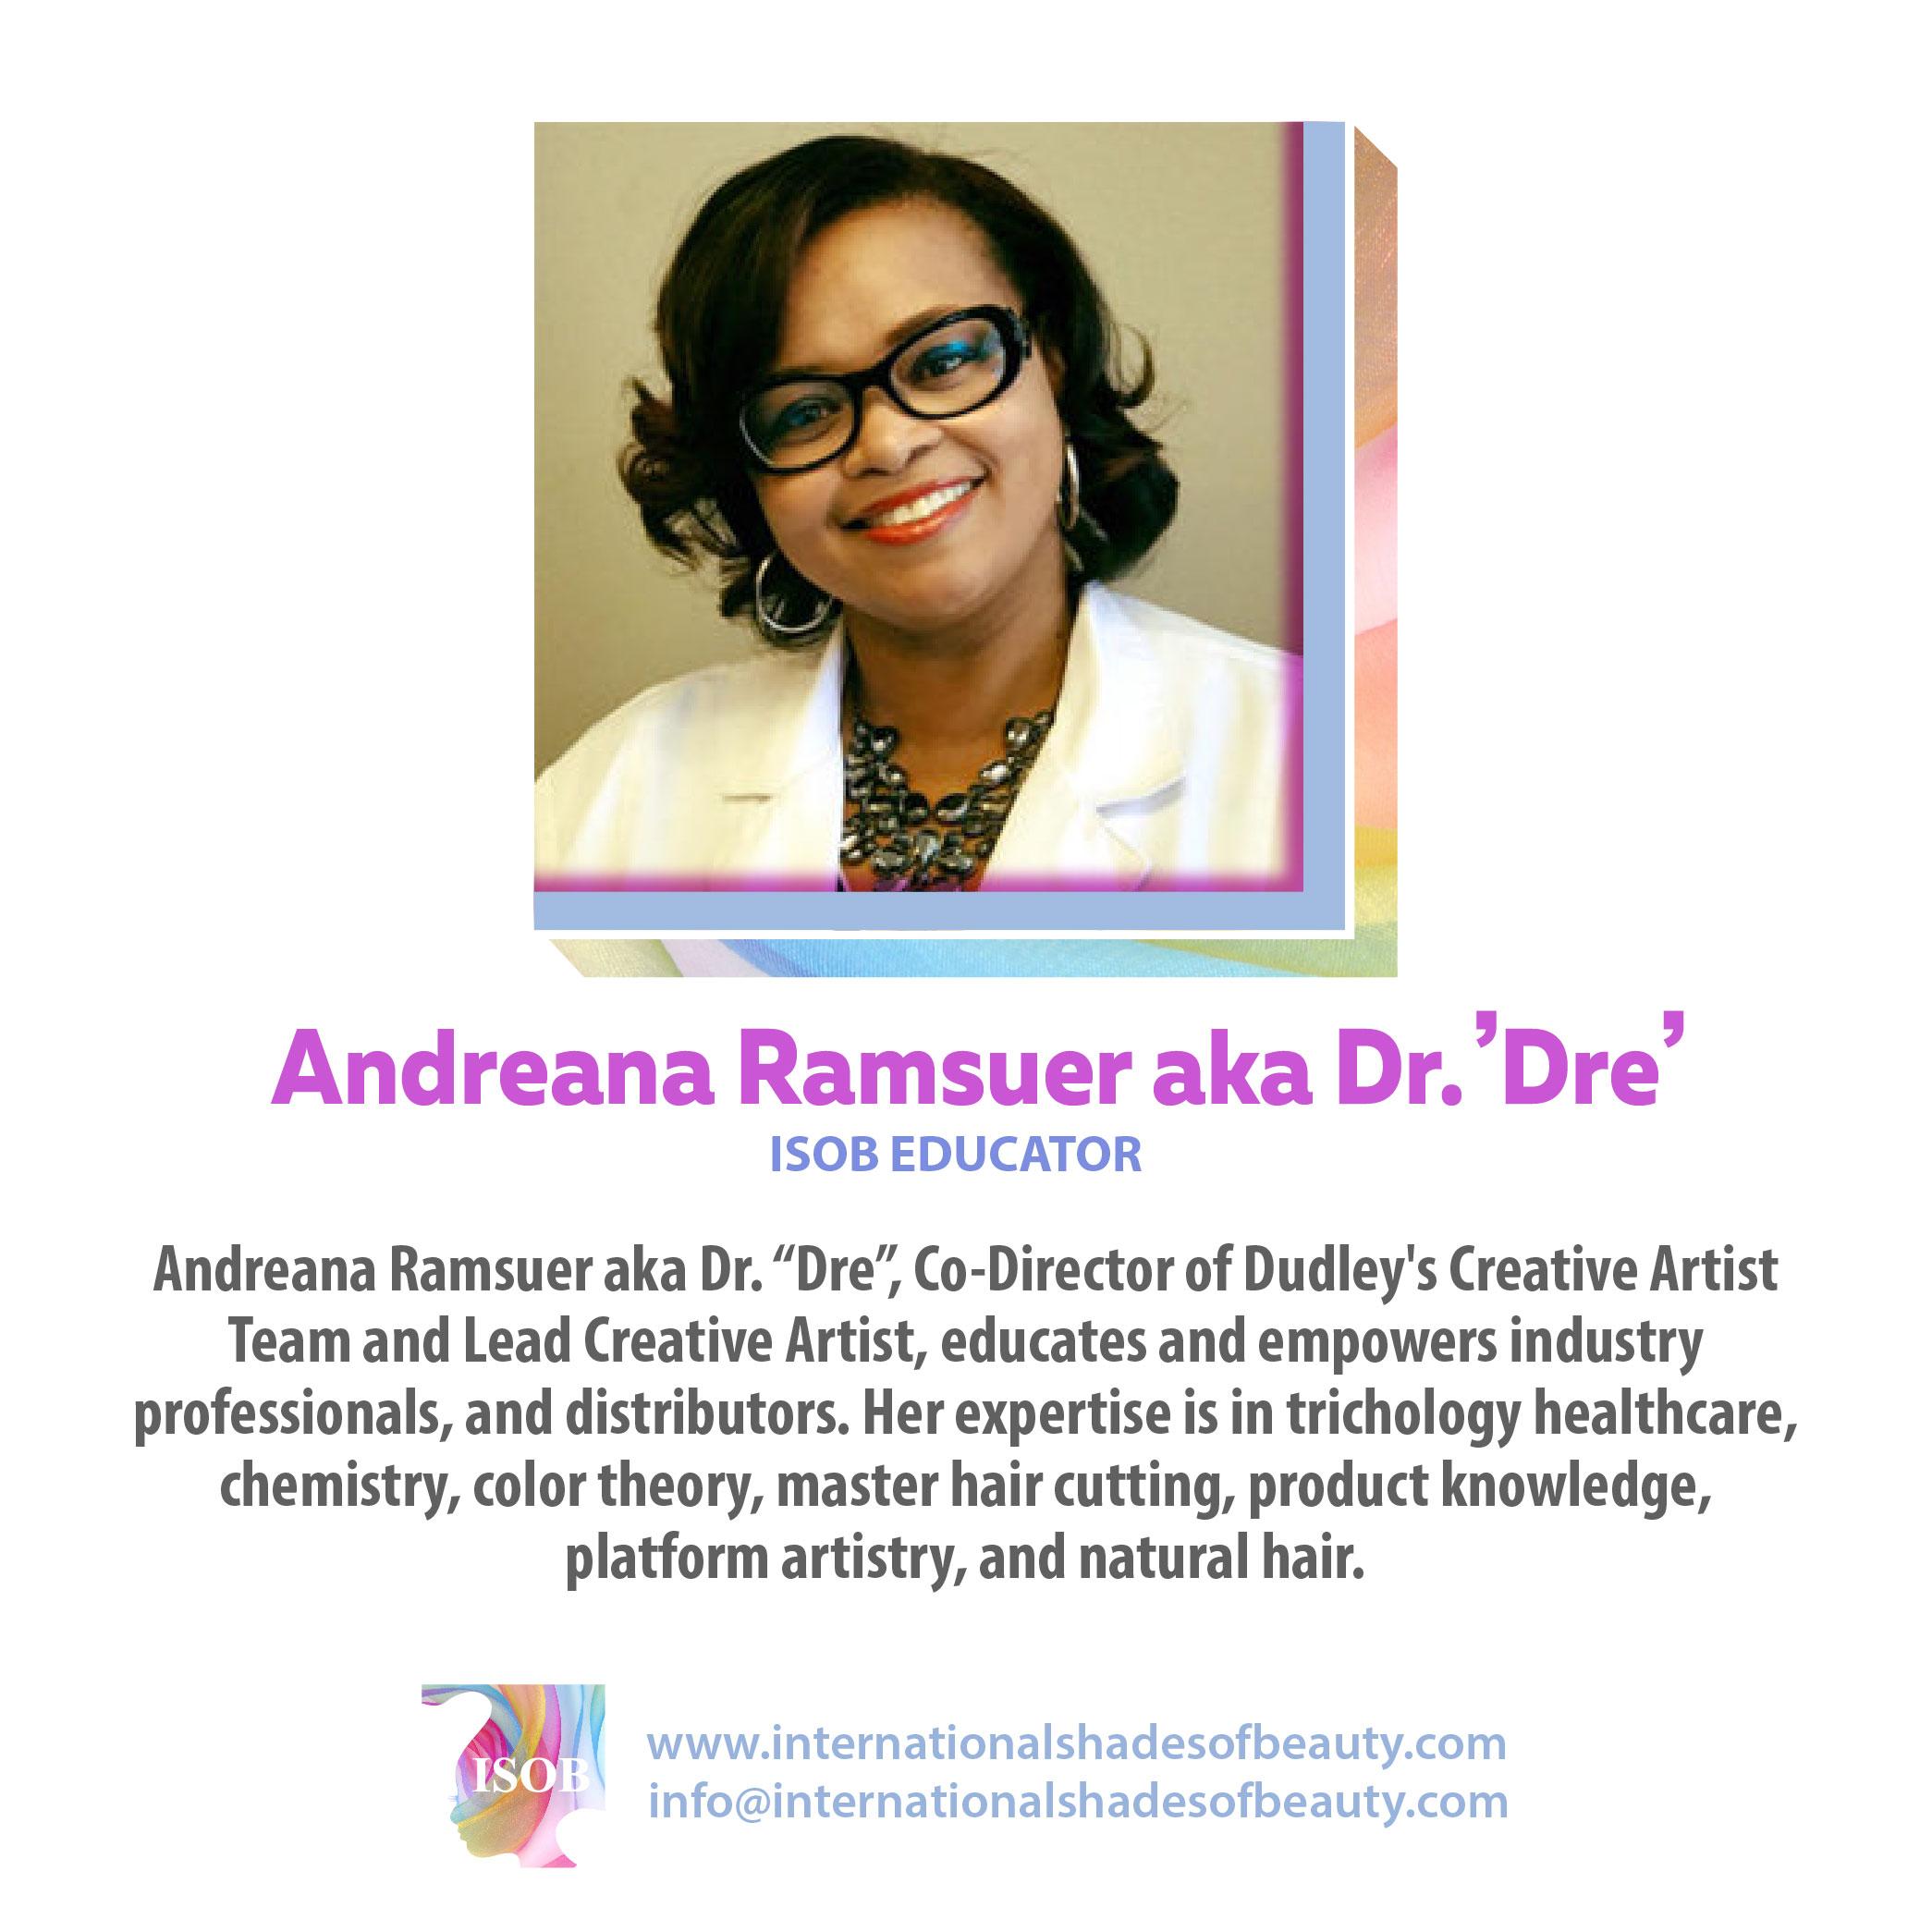 ISOB•_Andreana Ramsuer aka Dr. Dre